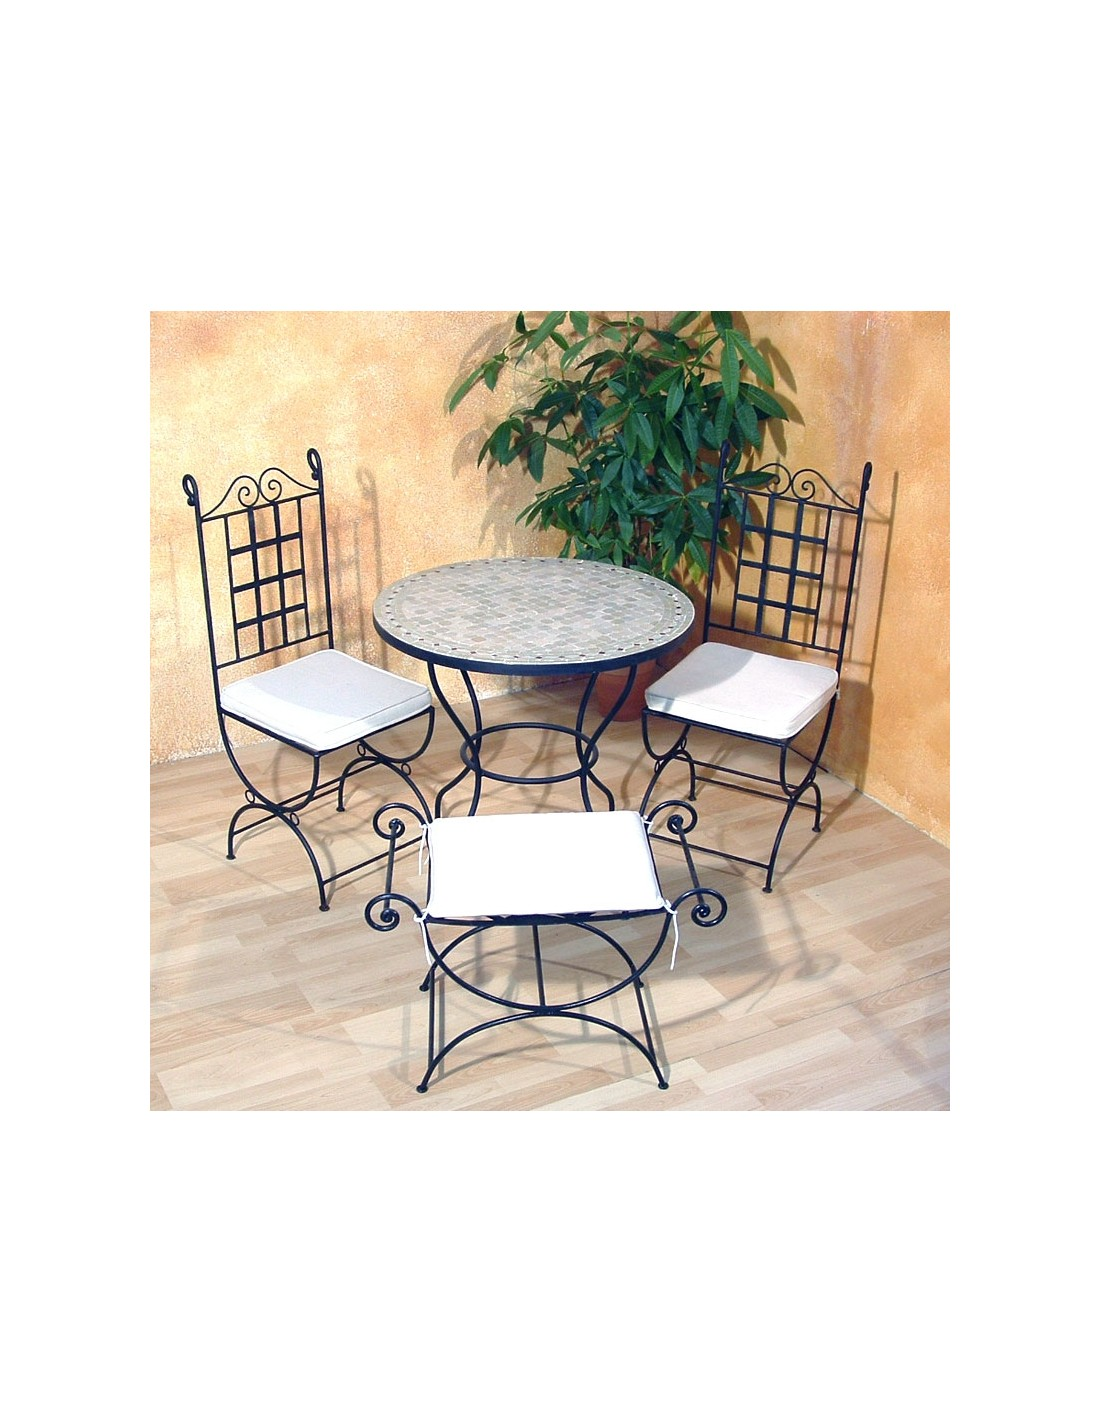 mosaiktisch yena 80cm rund marke albena marokko galerie. Black Bedroom Furniture Sets. Home Design Ideas